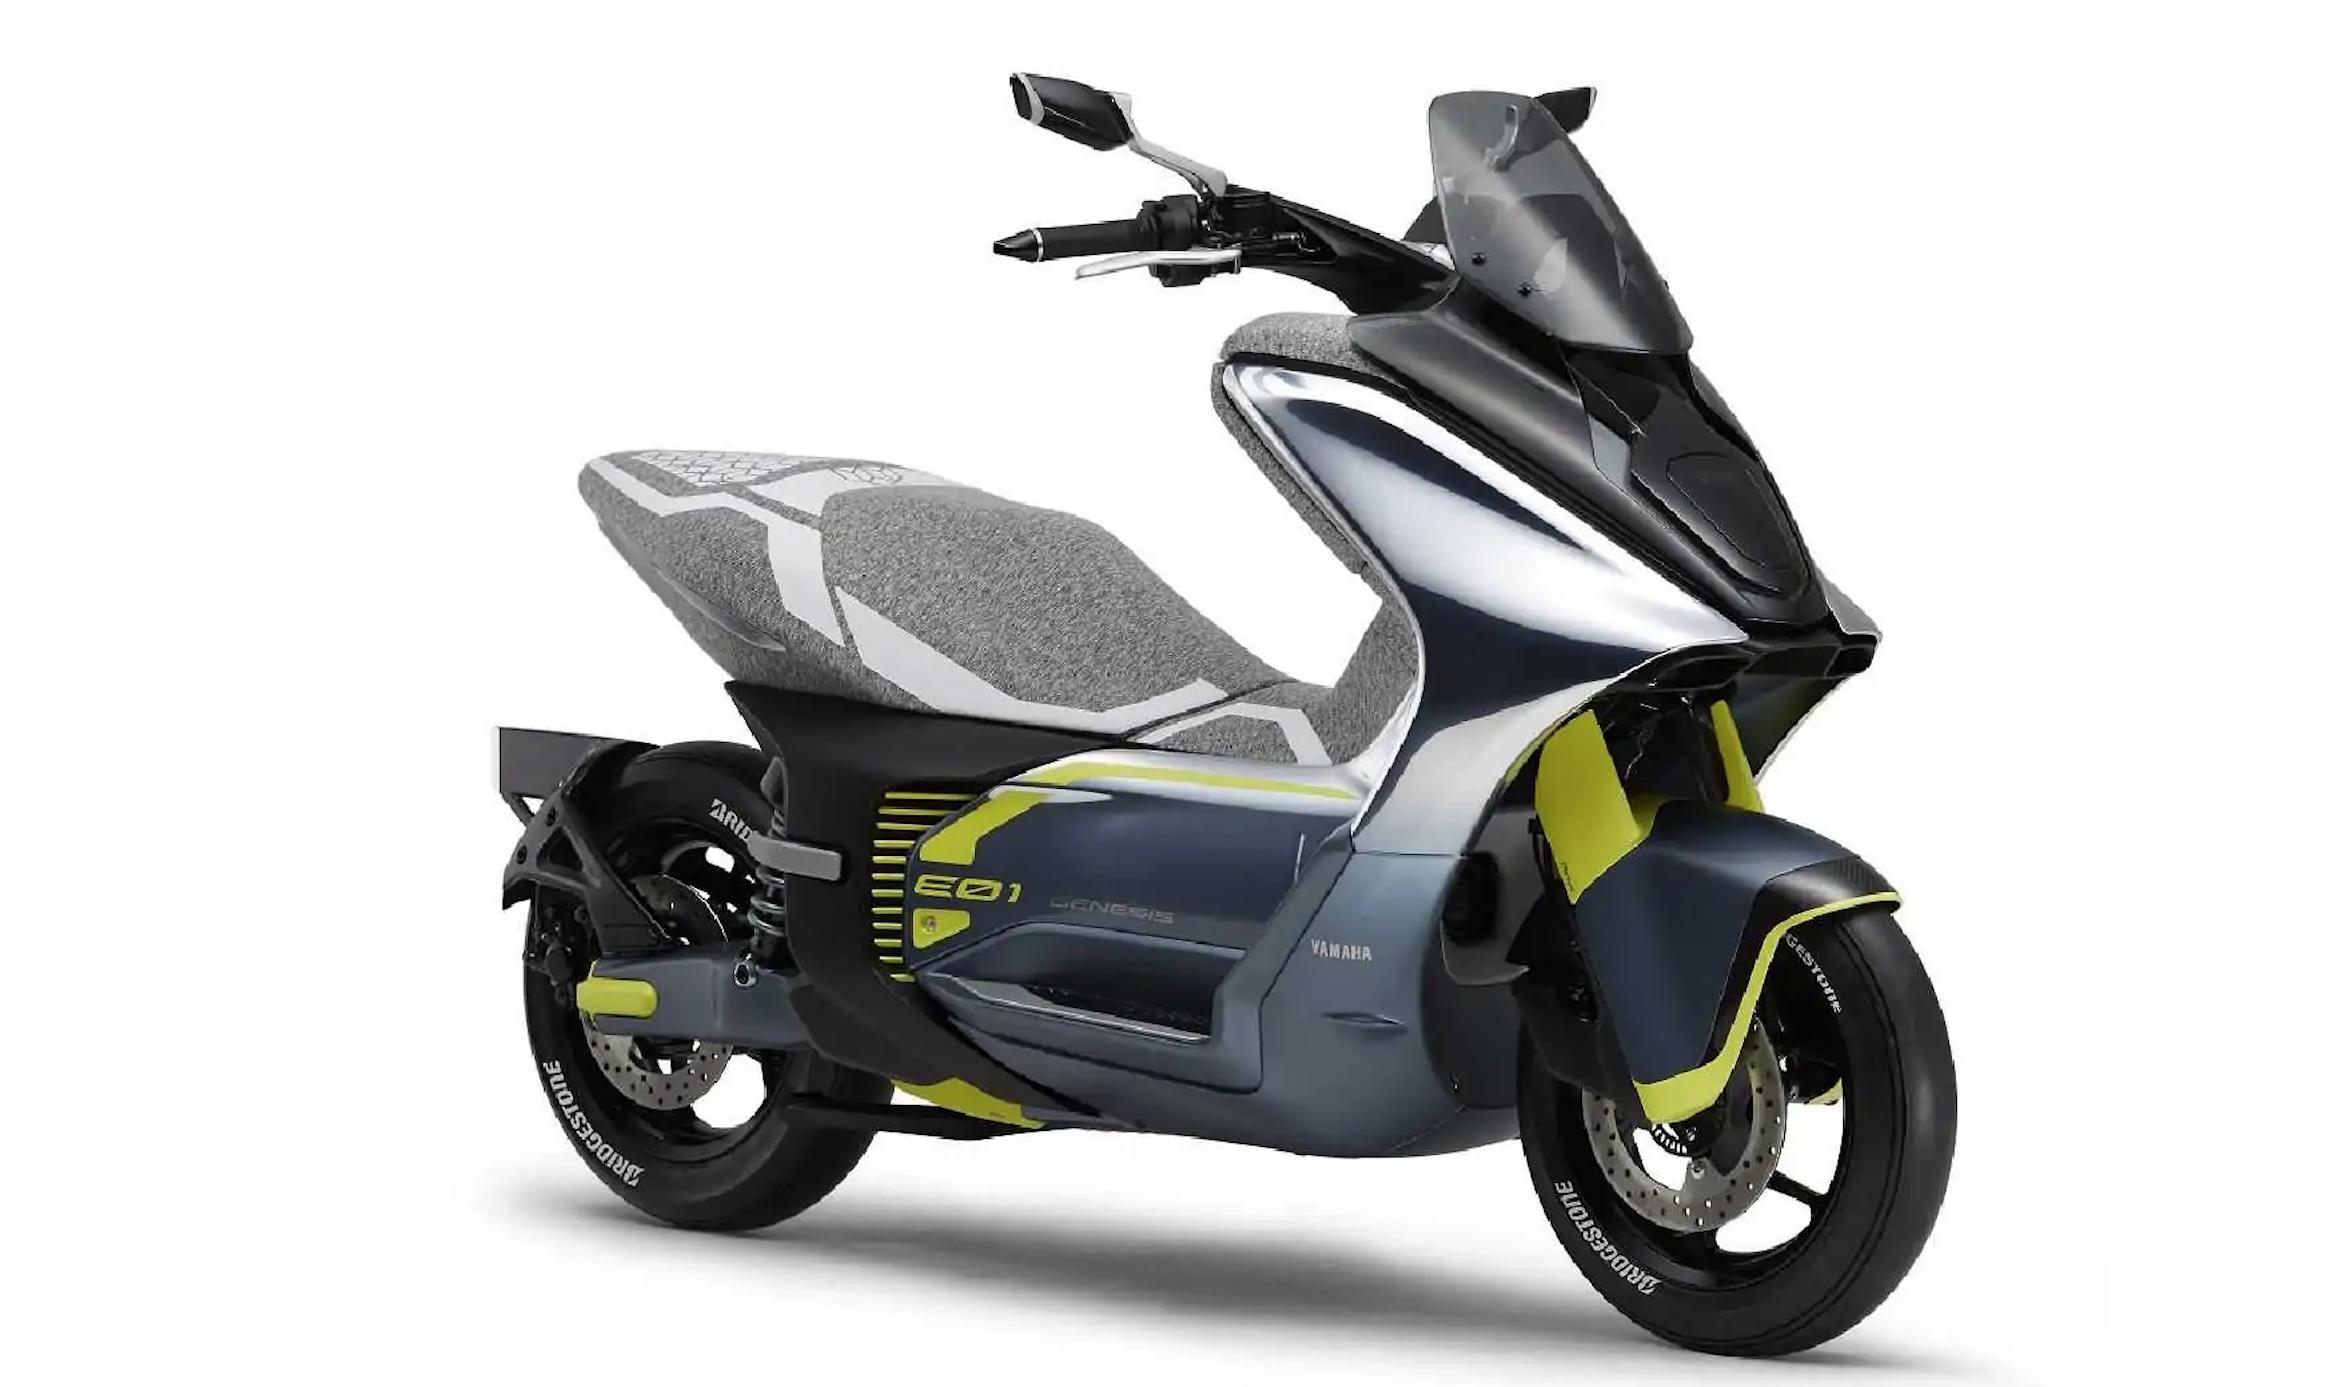 Консорциум сменных электрических батарей, образованный Honda, Yamaha, KTM и Piaggio